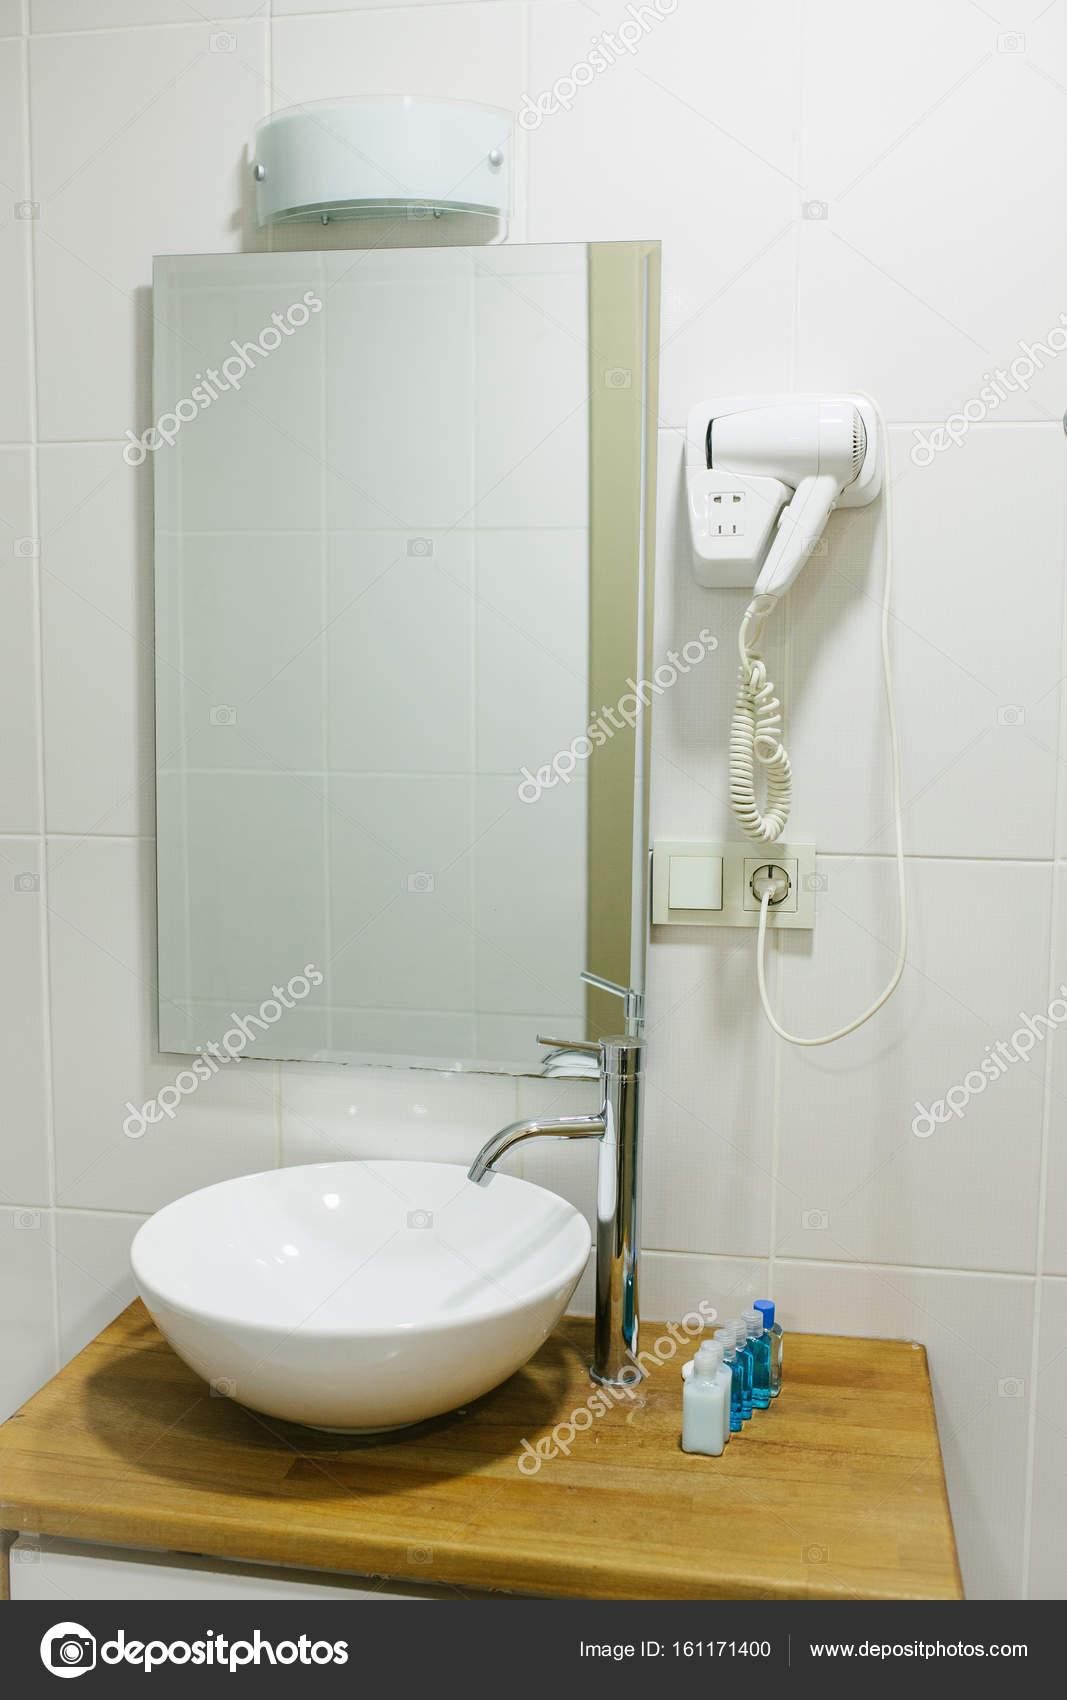 Accesorios Cuartos De Baño | Cuarto De Bano En El Hotel Con Todos Los Accesorios De Bano